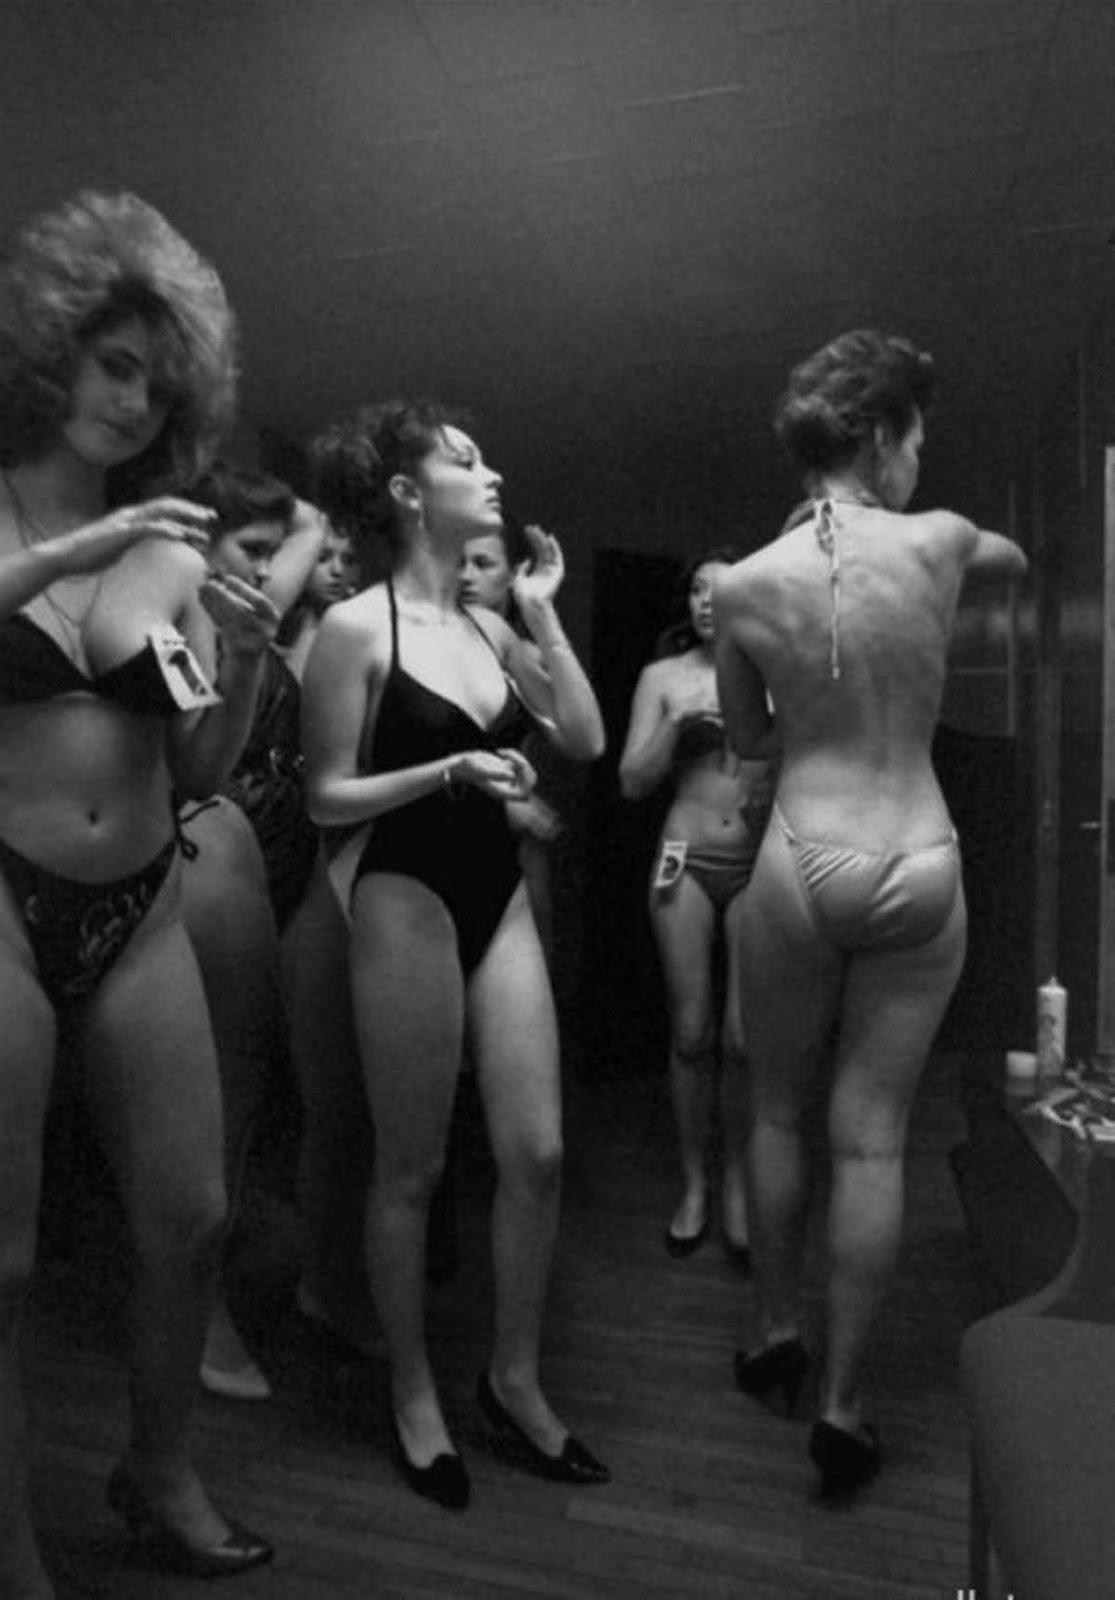 miss moscow beauty 9 - O primeiro Concurso de beleza do Comunismo